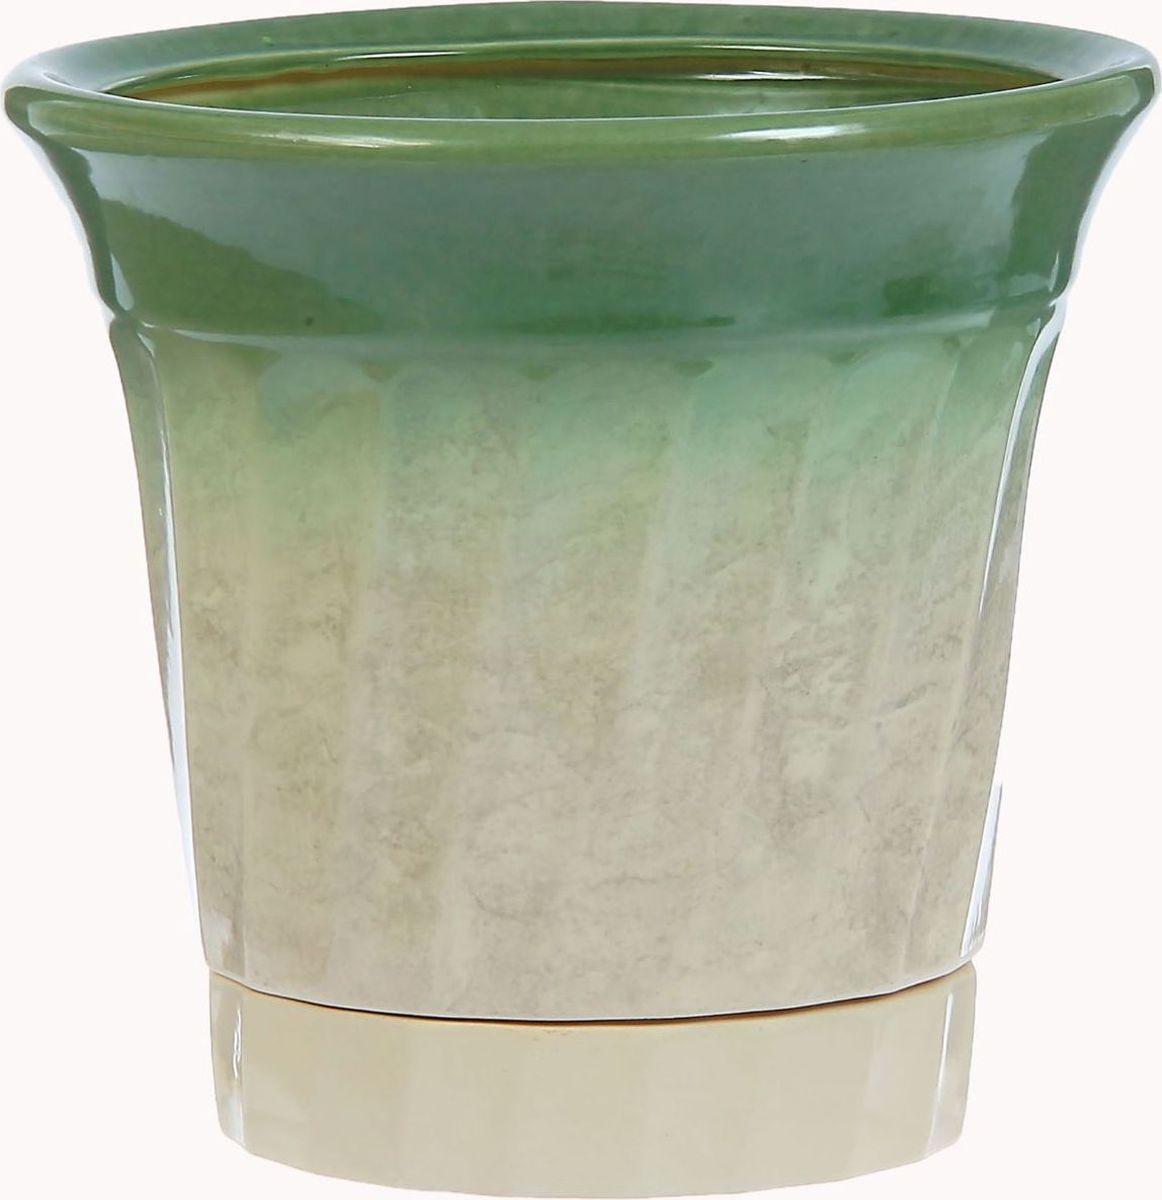 Кашпо Волна, цвет: белый, зеленый, 3,5 л1304546Комнатные растения — всеобщие любимцы. Они радуют глаз, насыщают помещение кислородом и украшают пространство. Каждому из них необходим свой удобный и красивый дом. Кашпо из керамики прекрасно подходят для высадки растений: за счёт пластичности глины и разных способов обработки существует великое множество форм и дизайновпористый материал позволяет испаряться лишней влагевоздух, необходимый для дыхания корней, проникает сквозь керамические стенки! #name# позаботится о зелёном питомце, освежит интерьер и подчеркнёт его стиль.